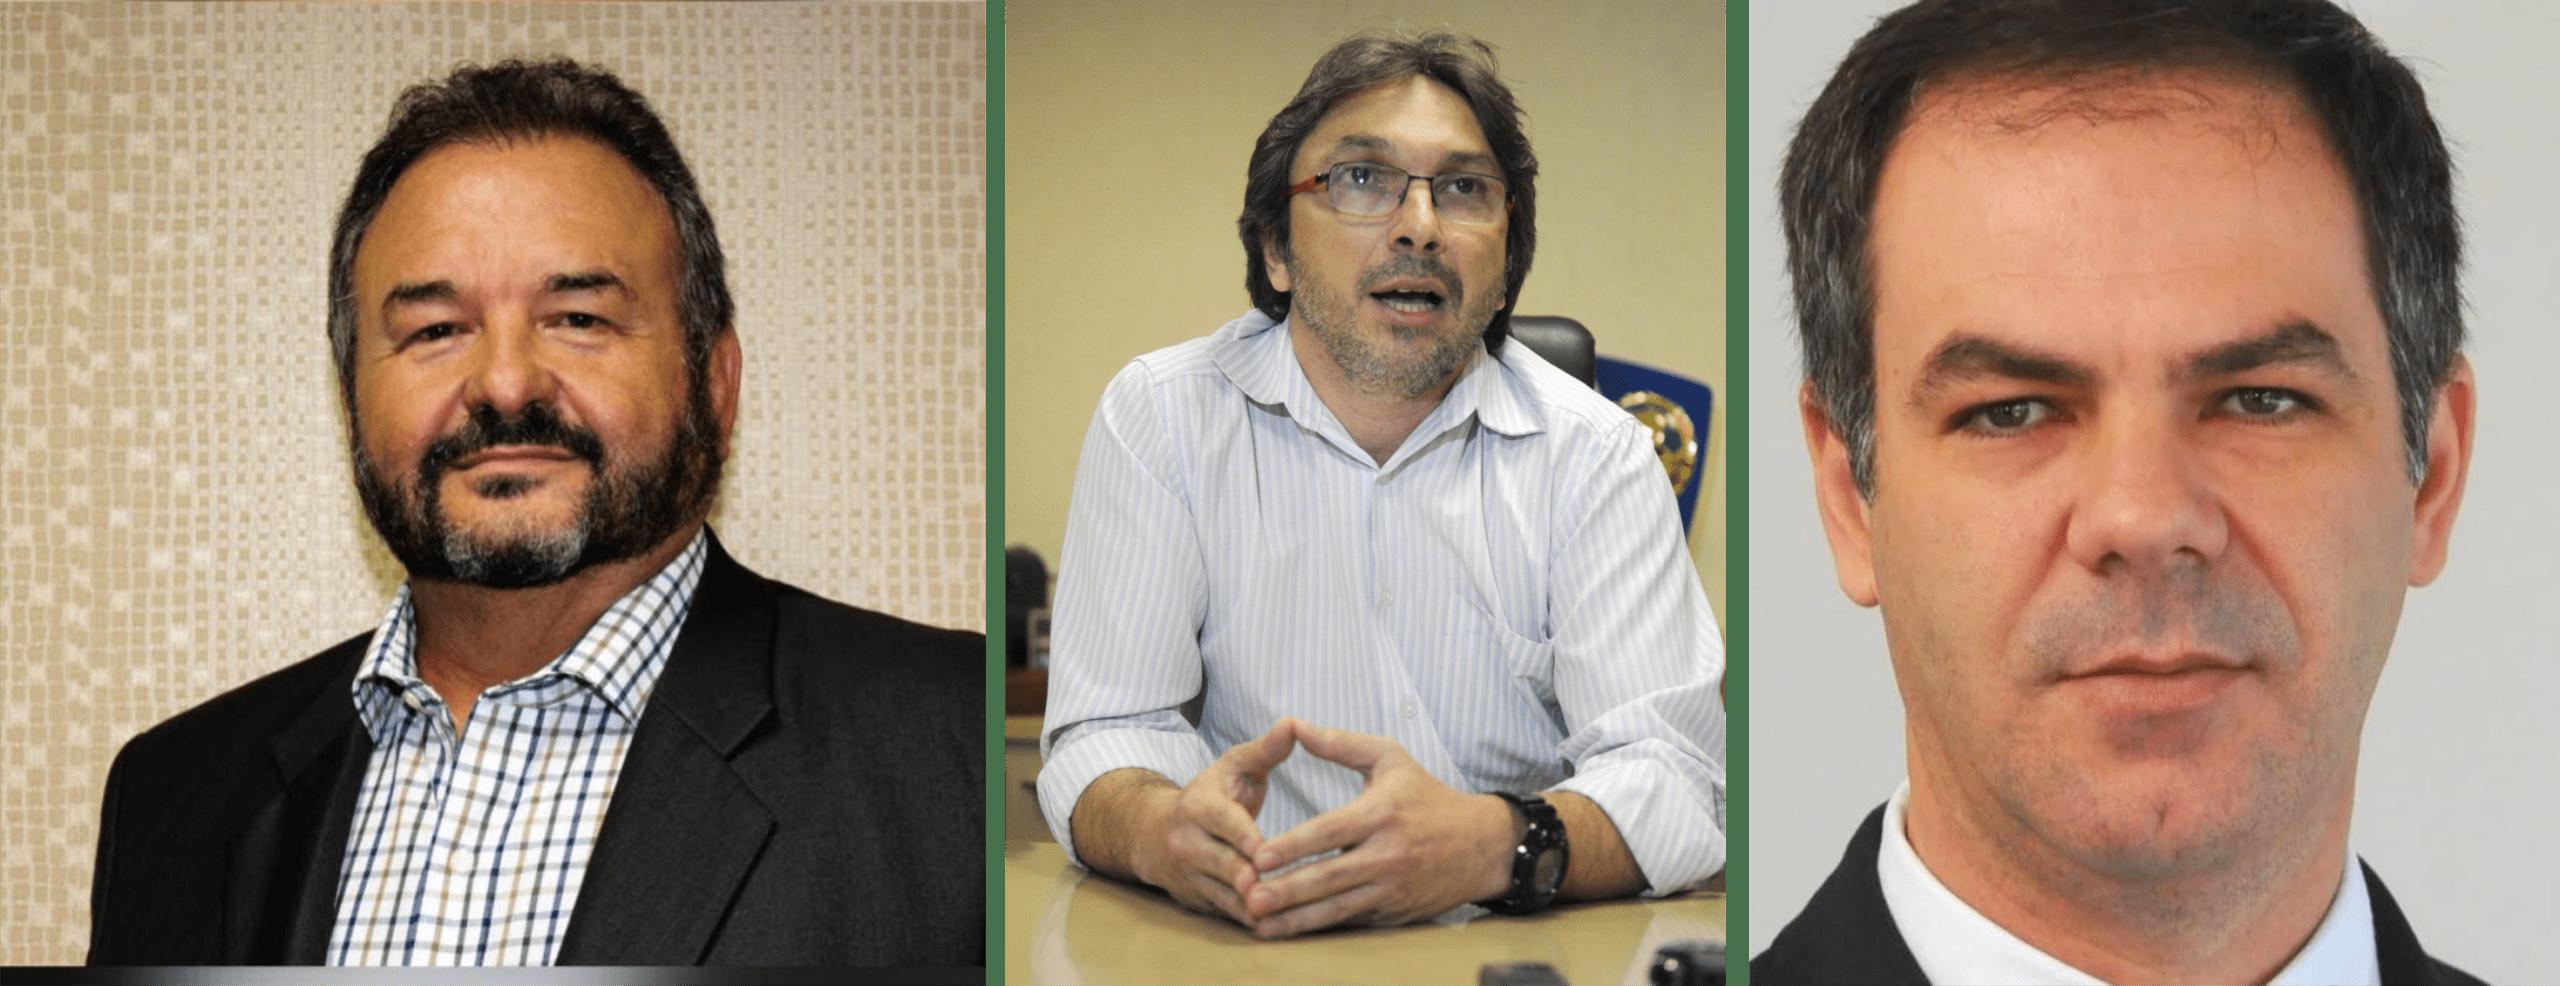 Advogado entra com ação popular contra o GDF requerendo o afastamento do presidente da Novacap e do diretor do DER/DF